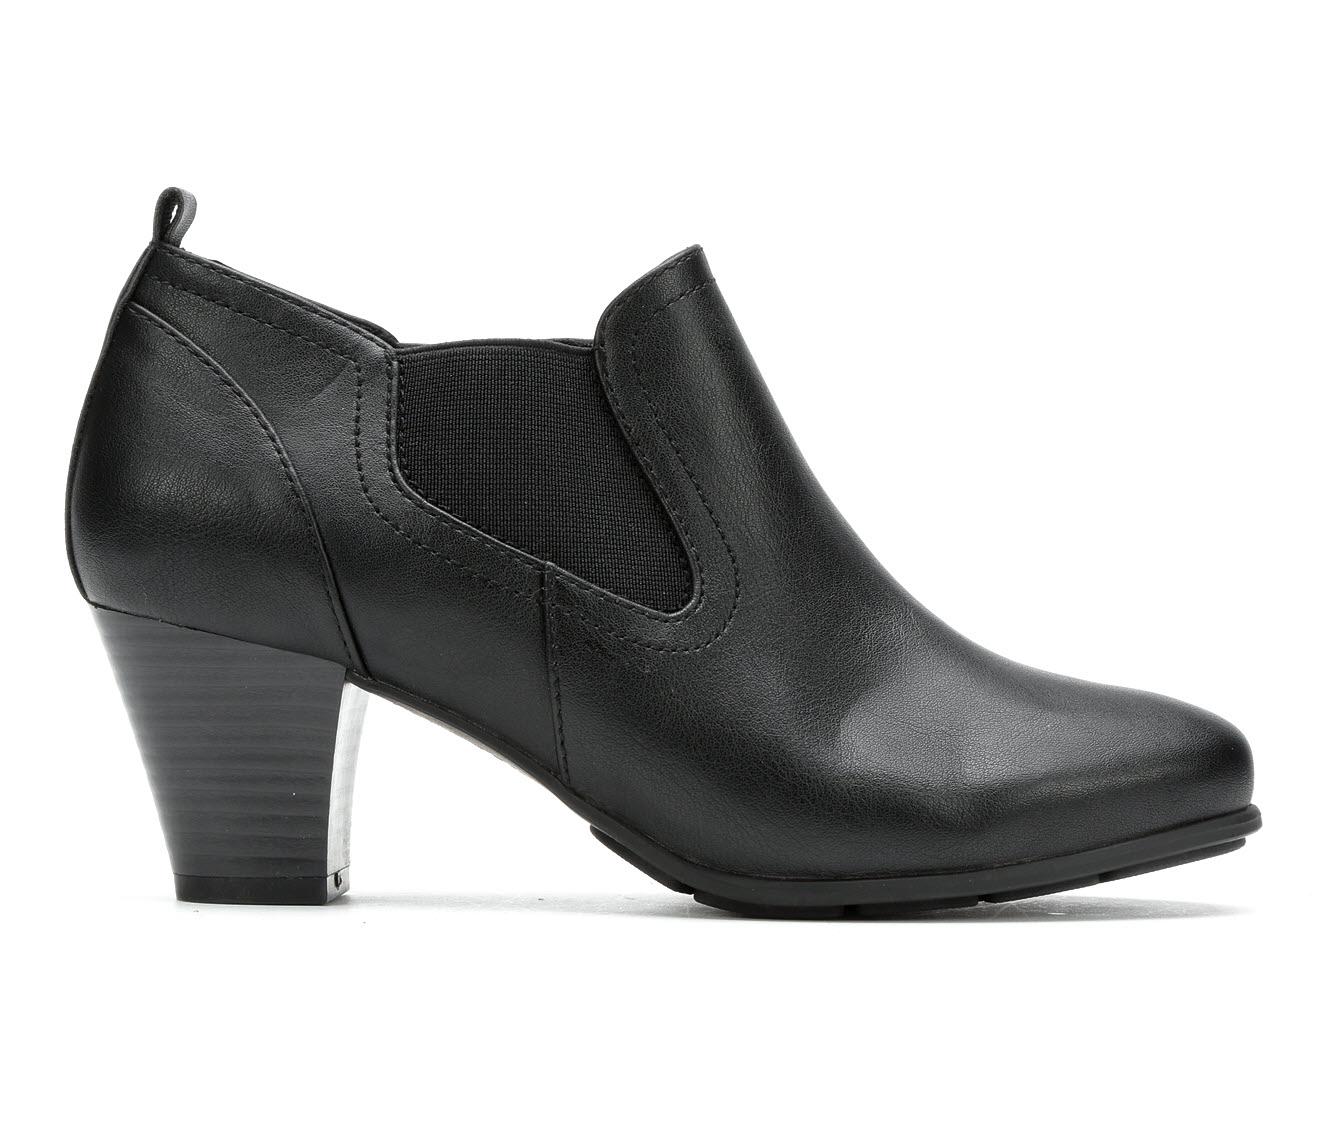 Solanz Nelli Women's Dress Shoe (Black Faux Leather)